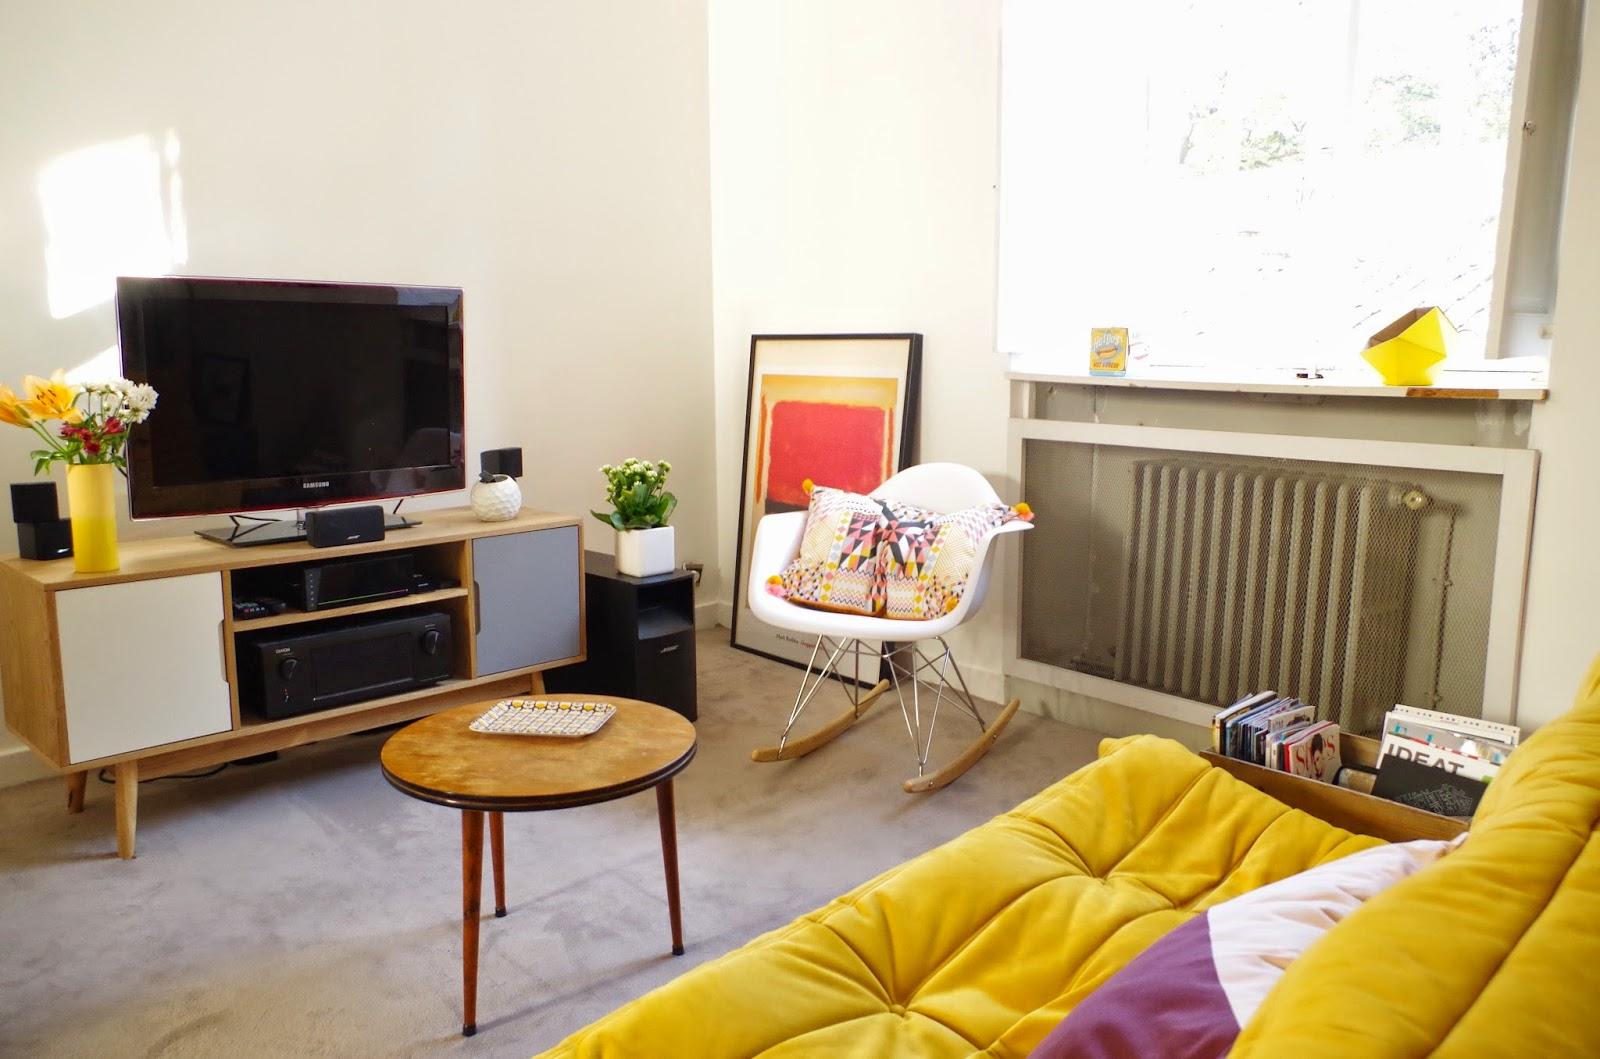 meuble tv manufacture maison du monde – Artzeincom -> Meuble Tv Teck Maison Du Monde